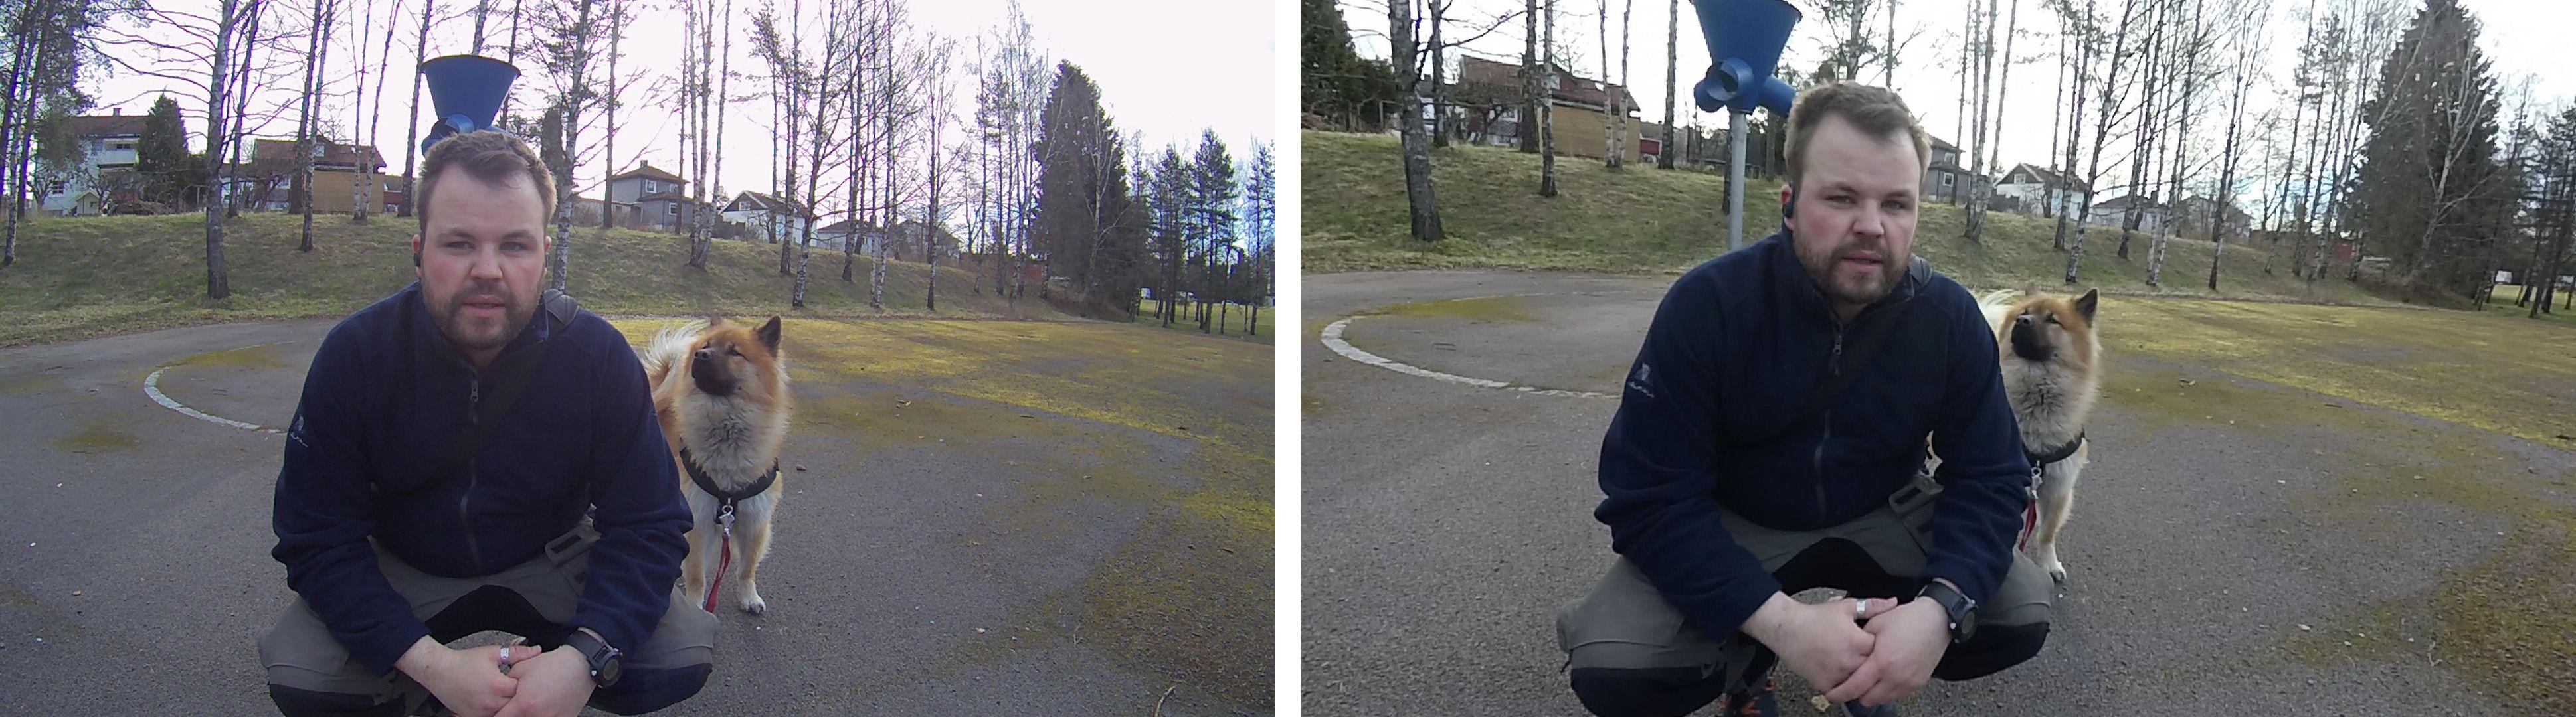 Bildene fra TomTom Bandit (t.h.) har ett litt varmere fargestikk enn Garmin Virb XE (t.v.)i auto-hvitbalanse.